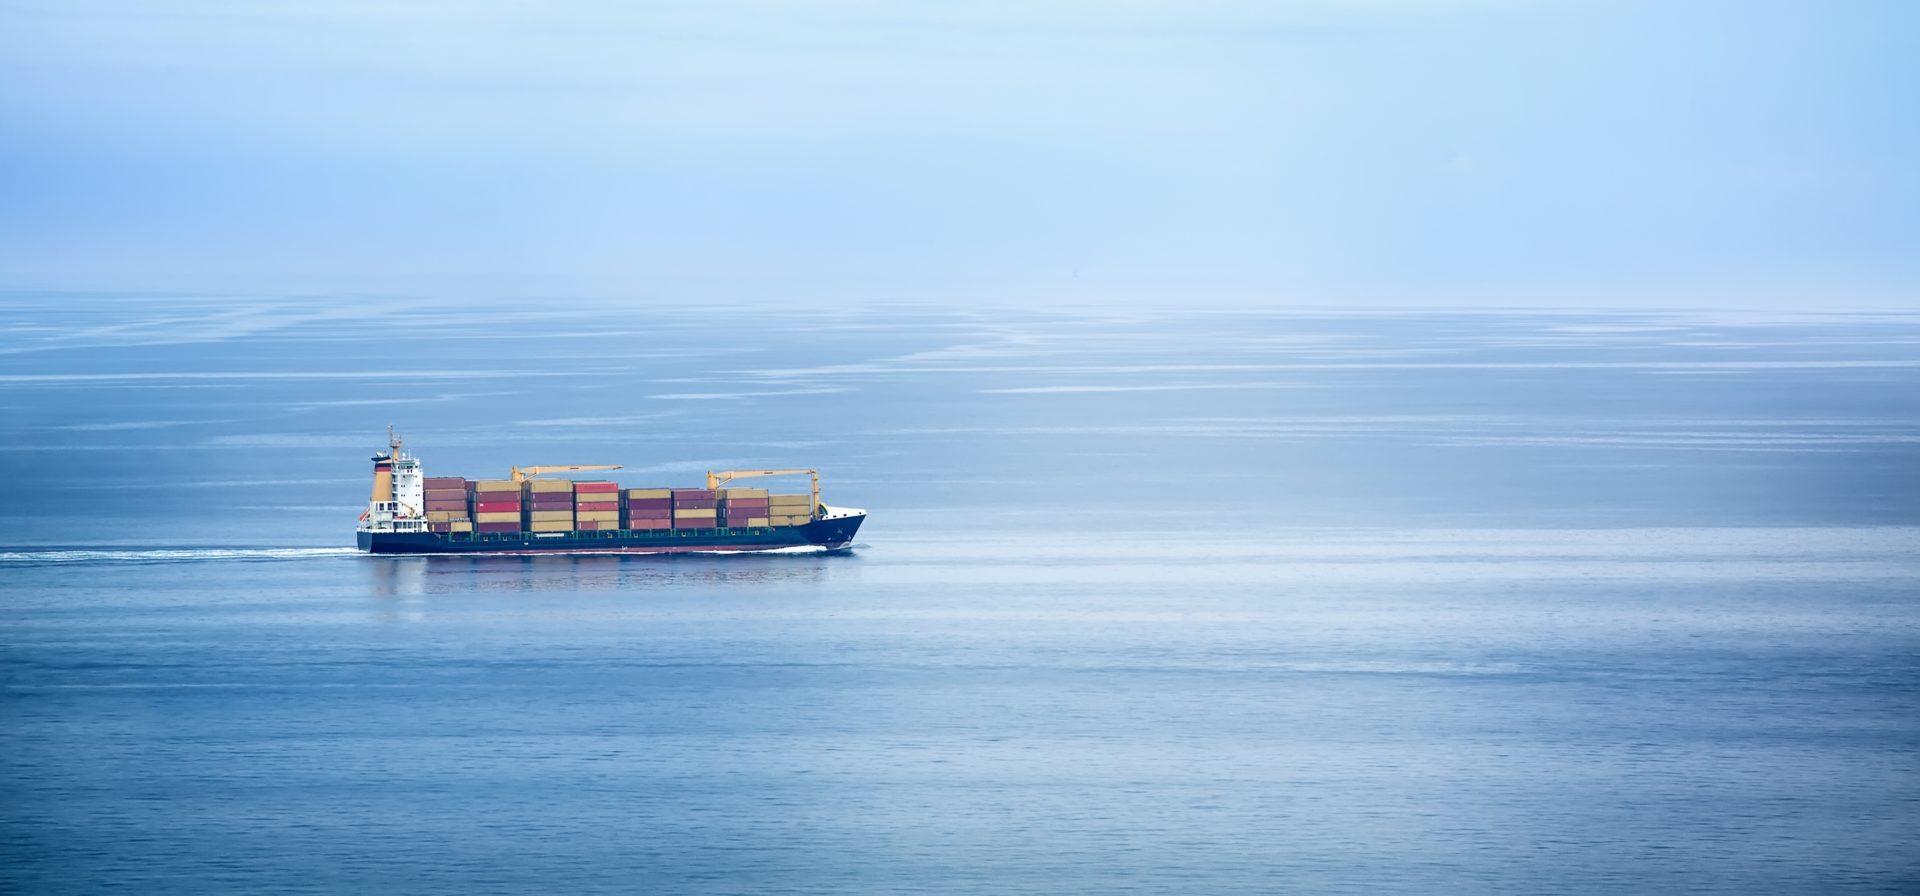 jūras kravu pārvadājumi, kravas konteineri kuģī